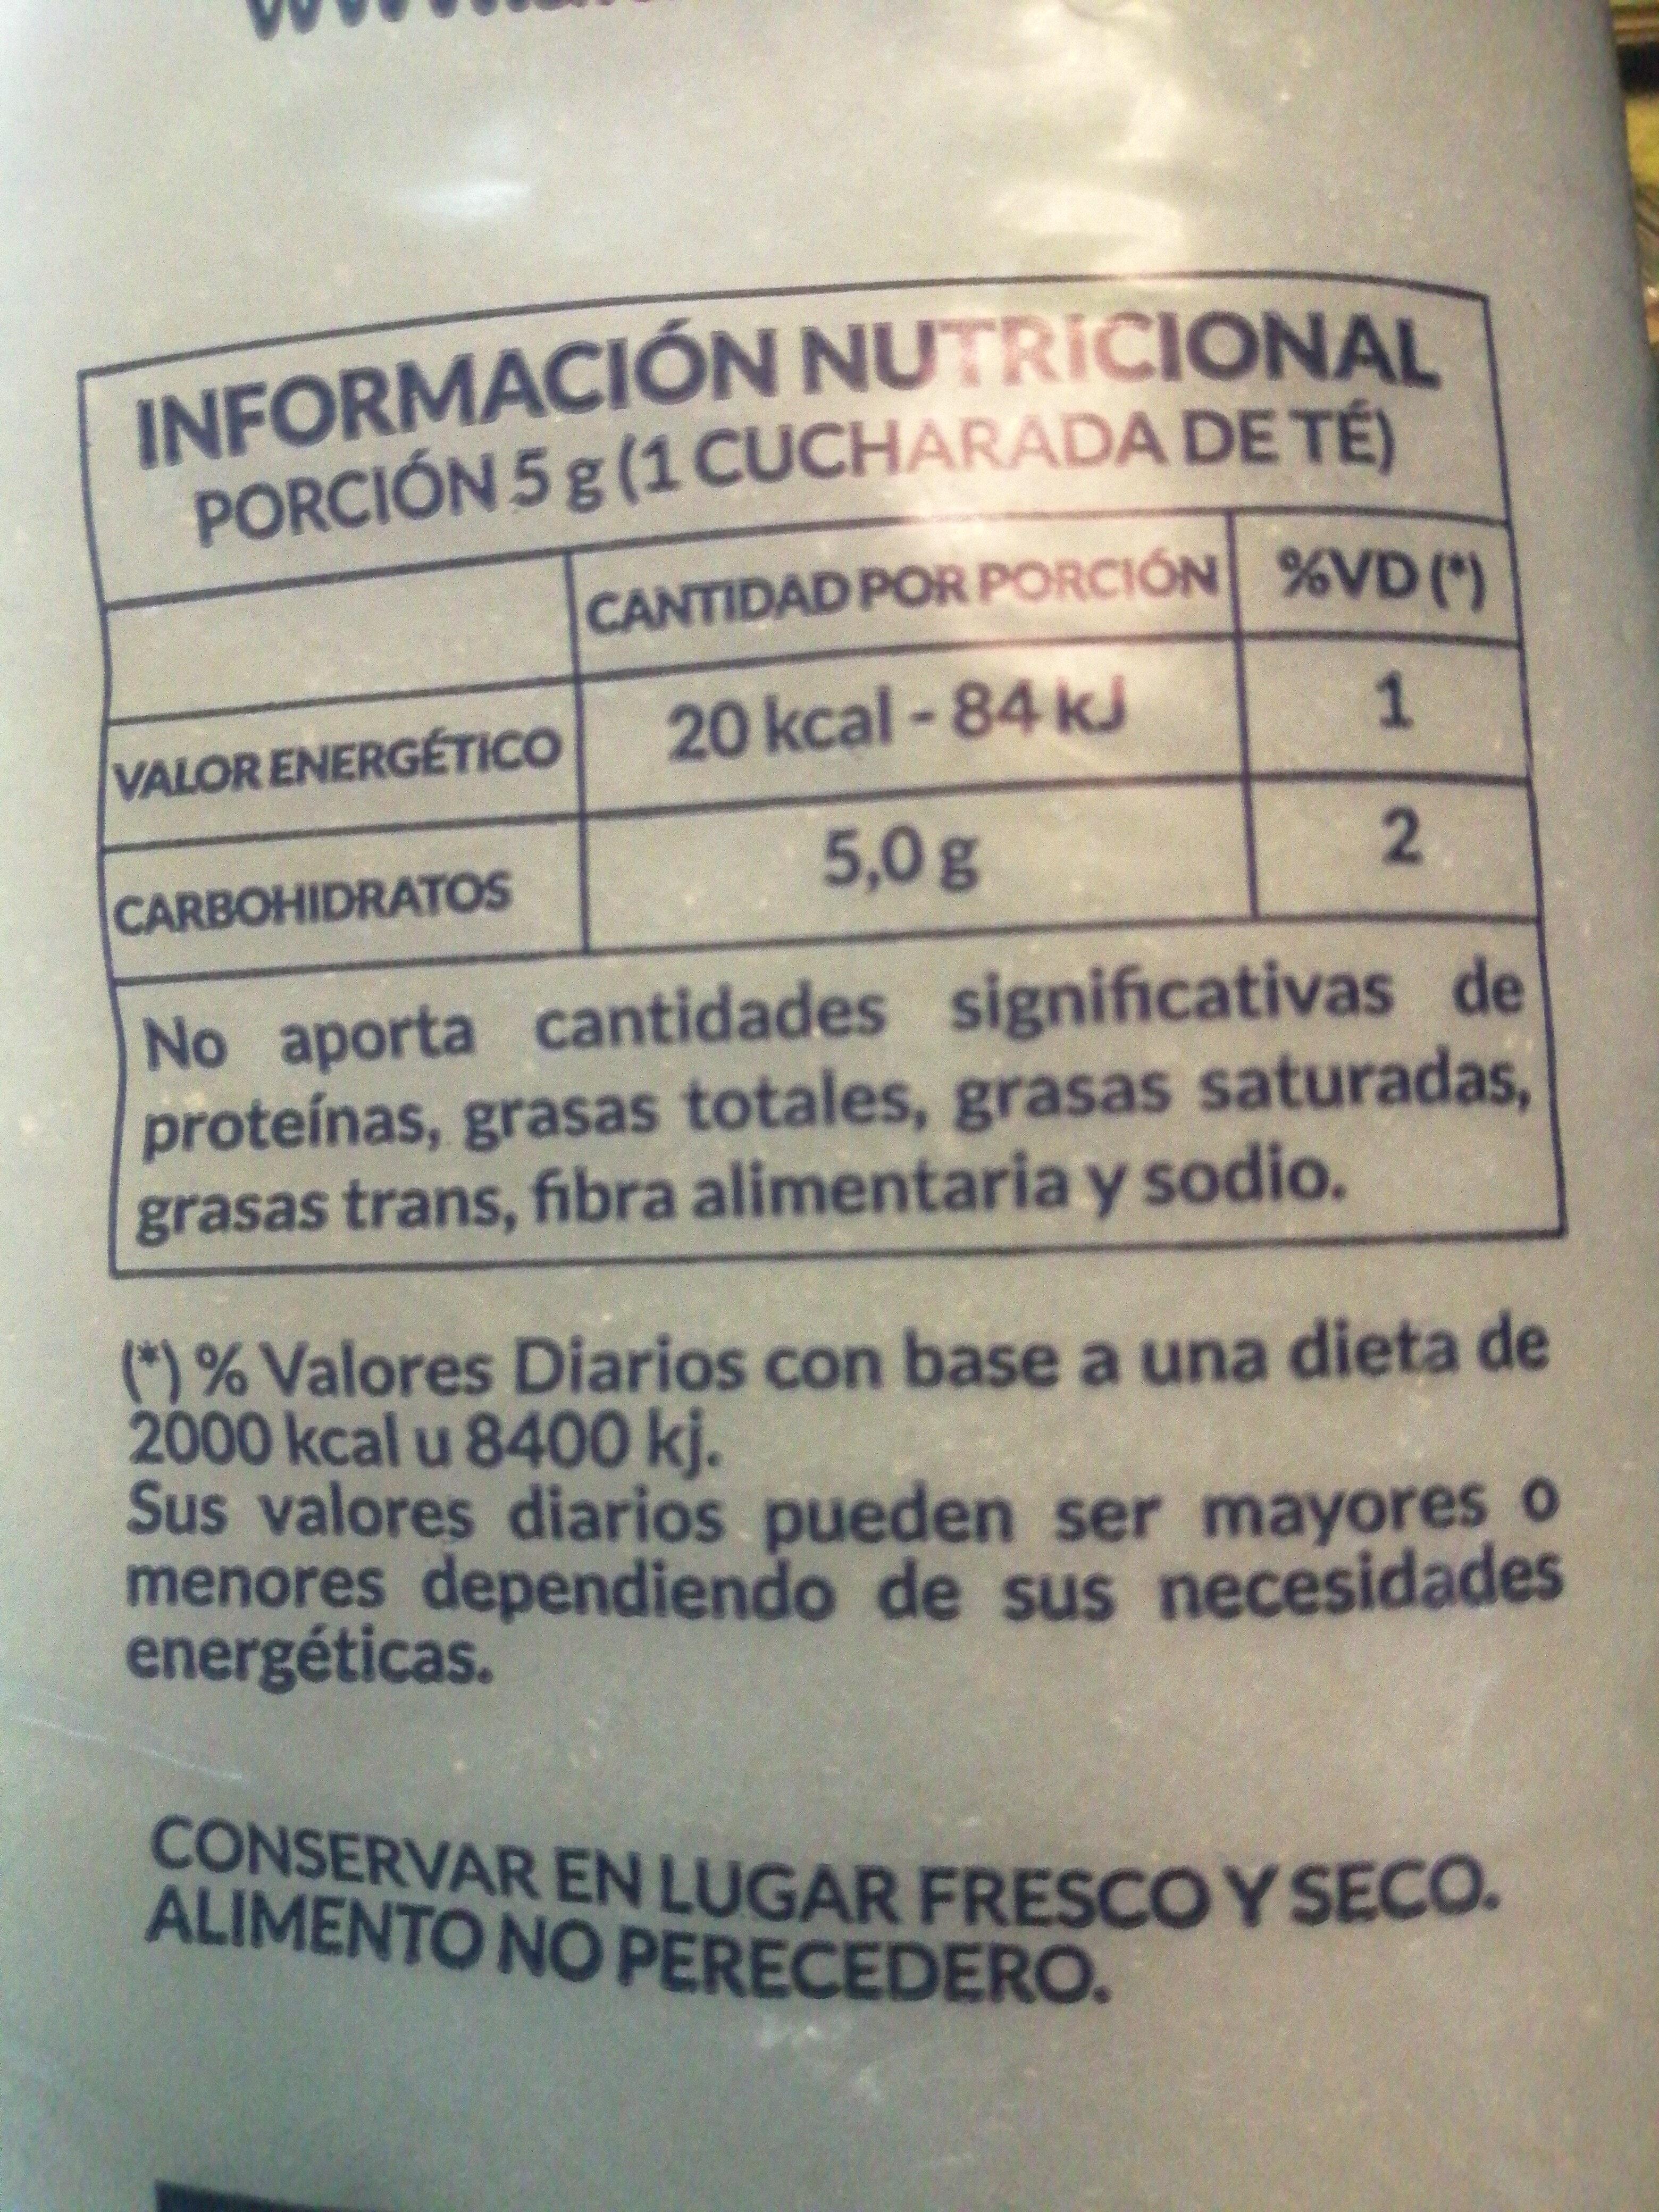 azúcar blanco refinado - Nutrition facts - es